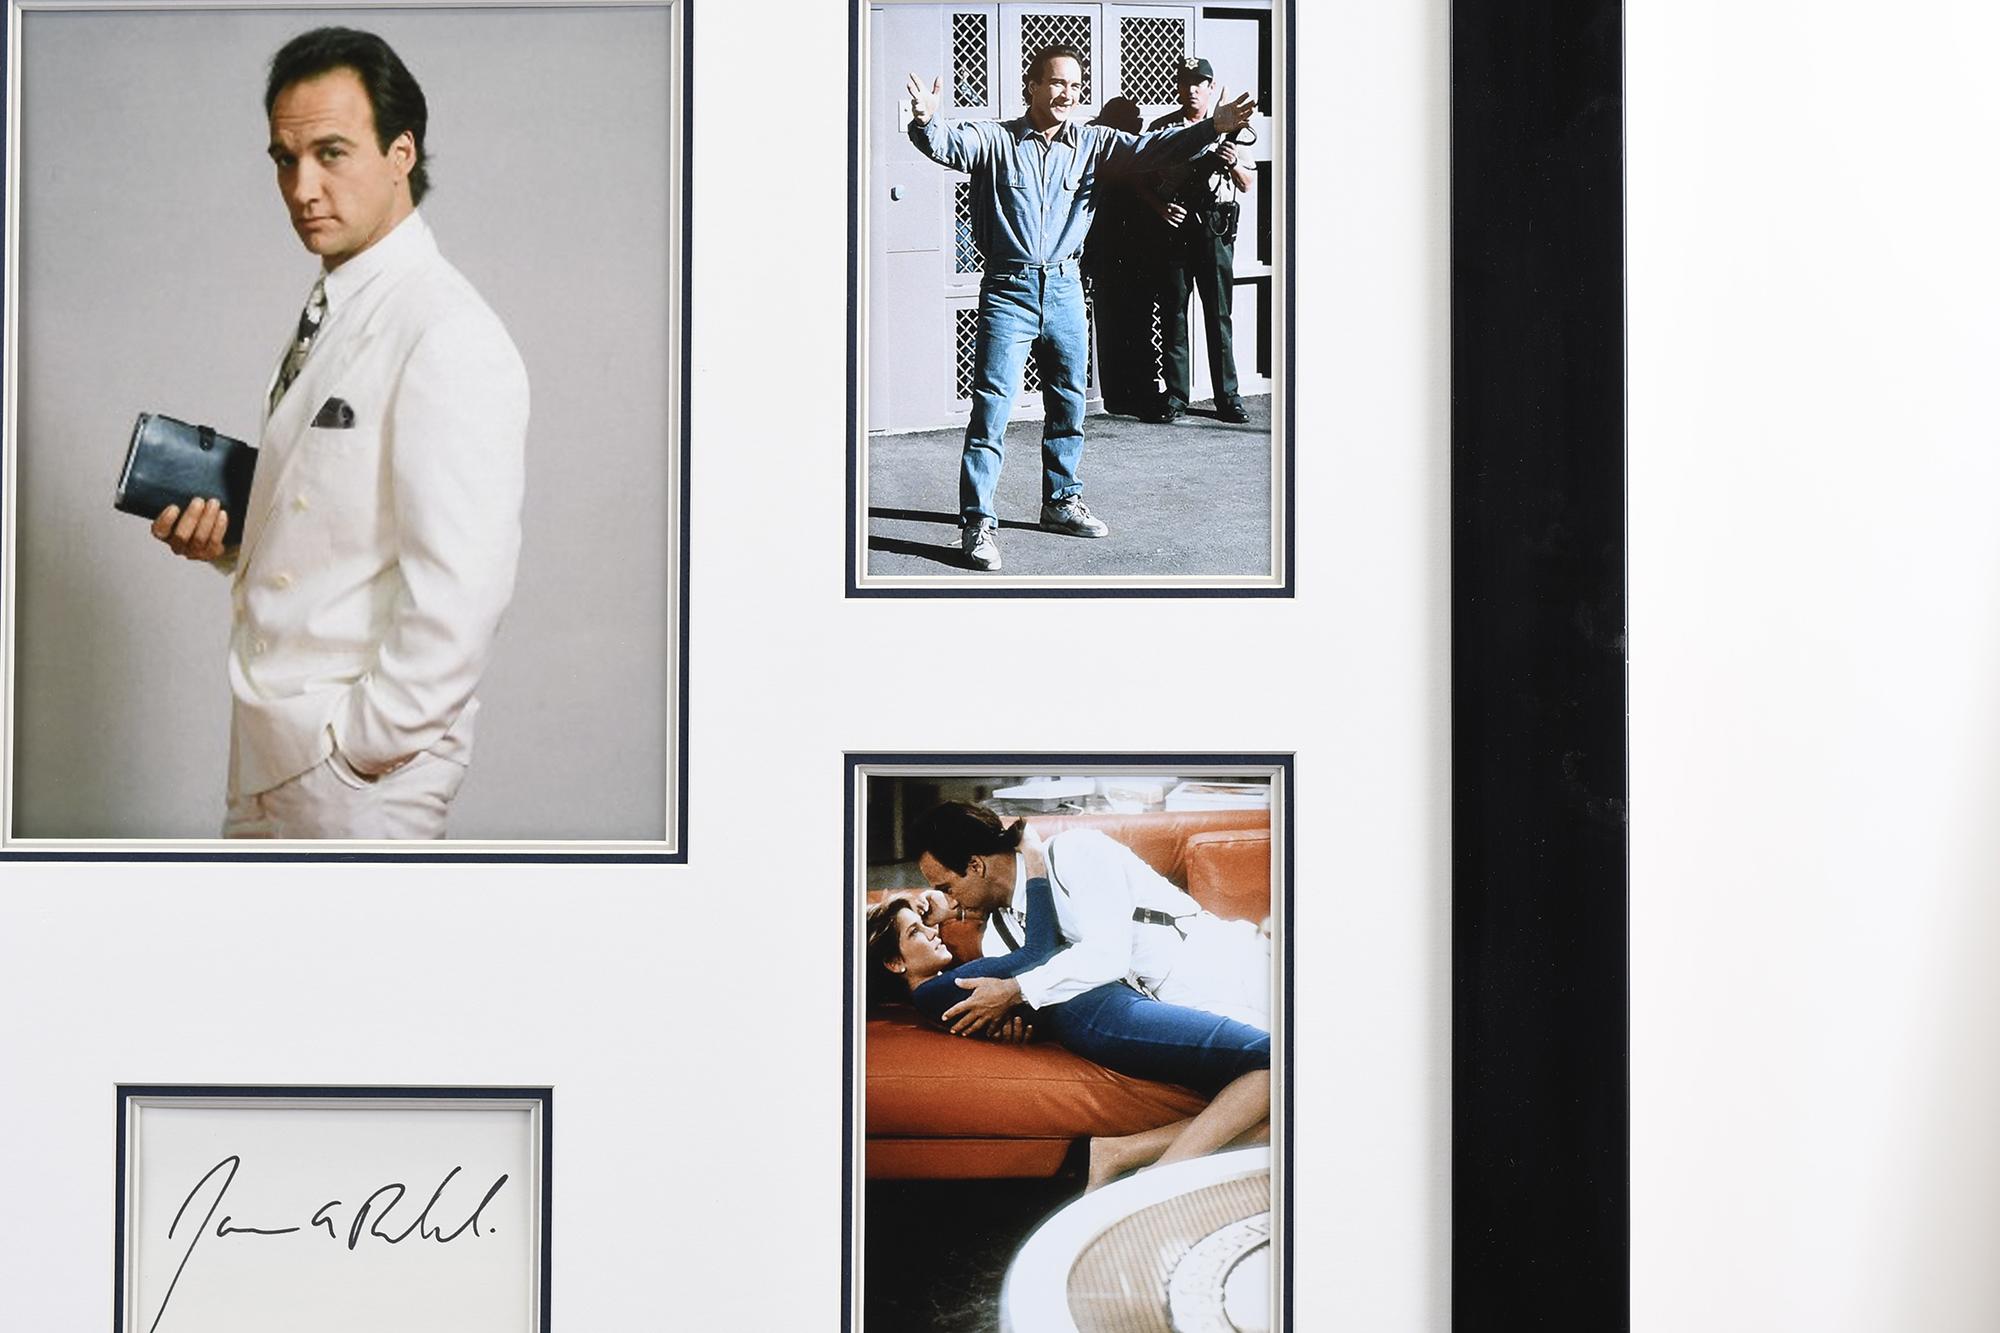 James Belushi Framed Presentation - Image 6 of 6